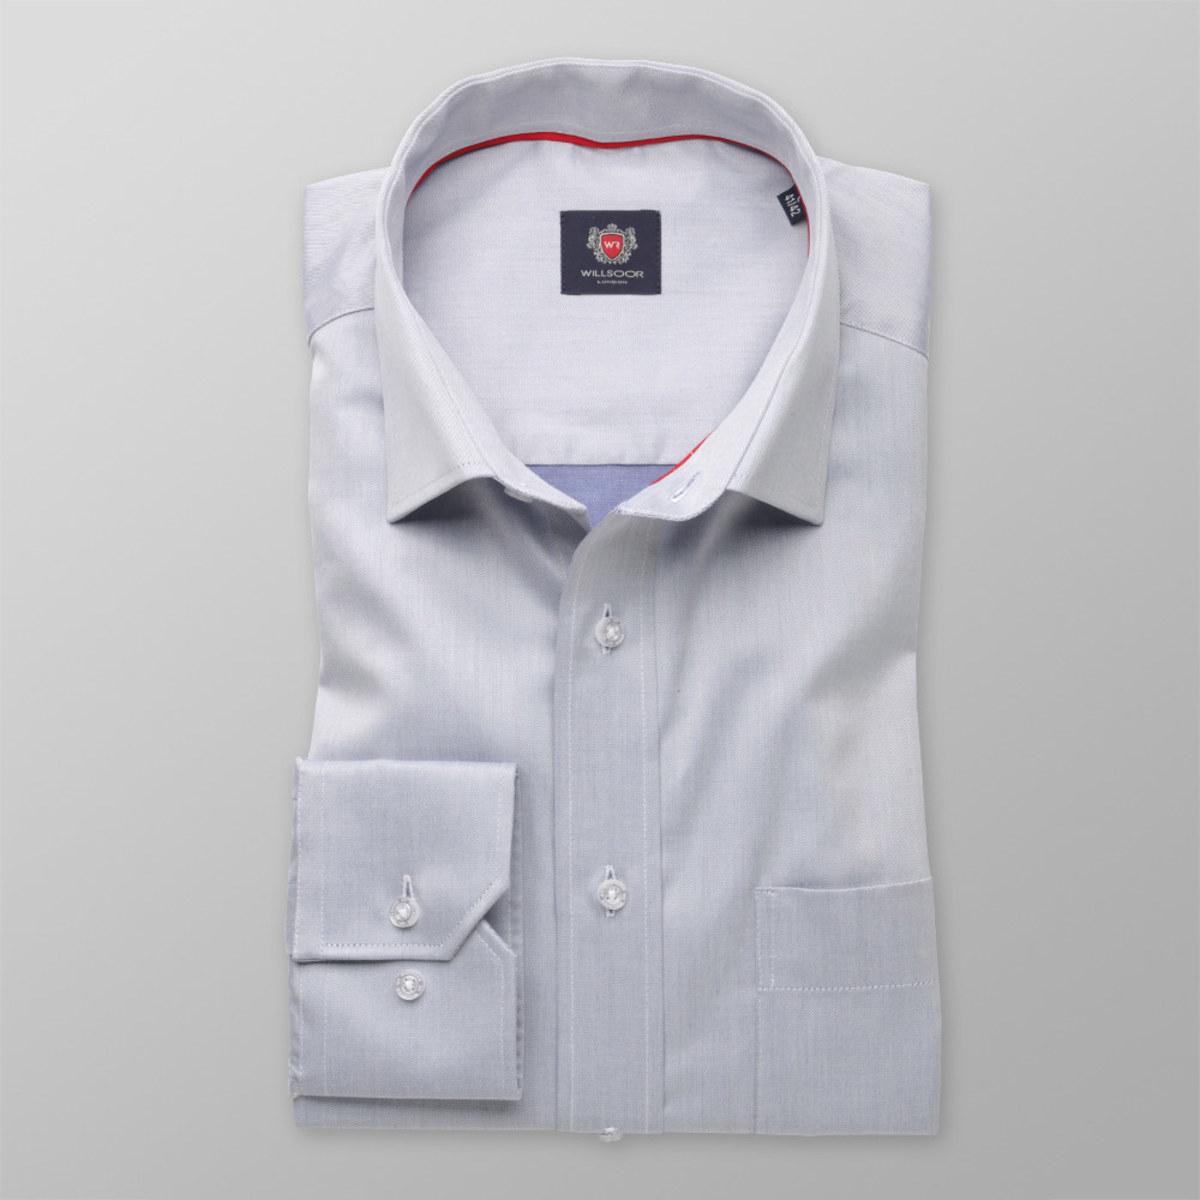 Pánská klasická košile London (výška 198-204) 8322 v šedé barvě 198-204 / XL (Límeček 43/44)